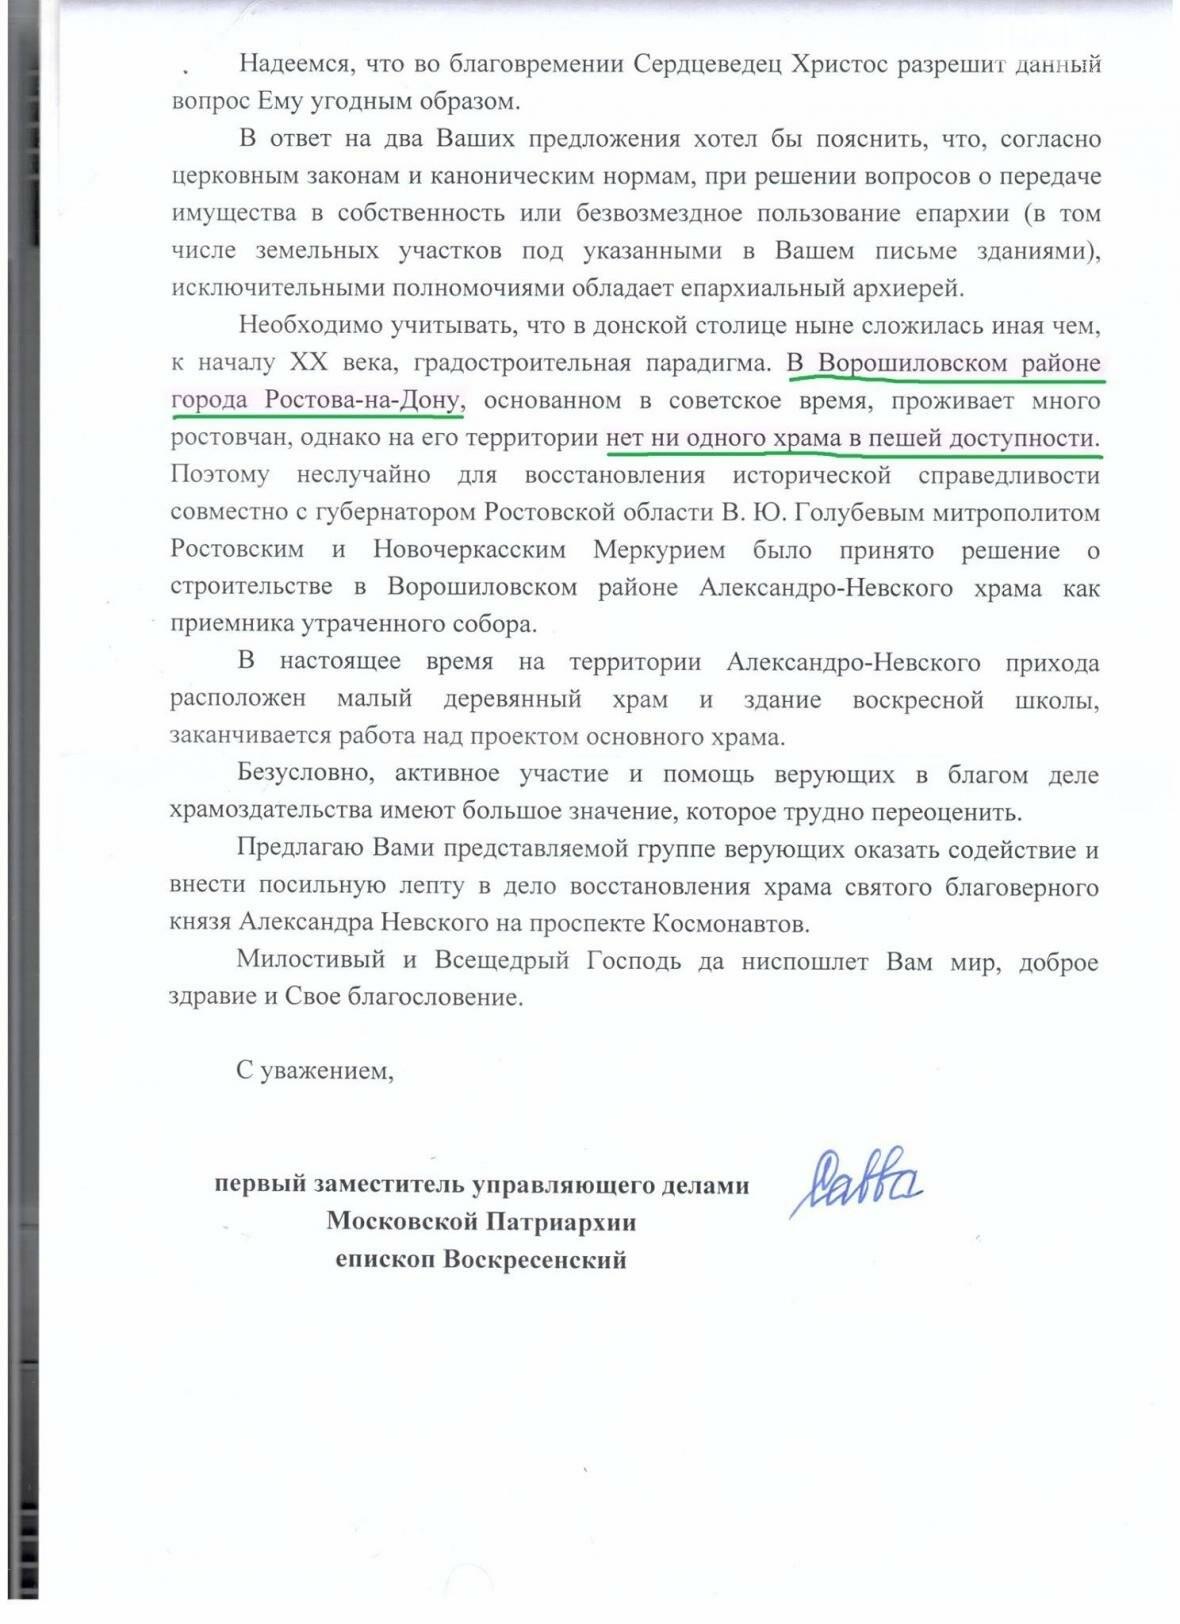 РПЦ решила не воссоздавать храм на месте здания правительства Ростовской области, фото-2